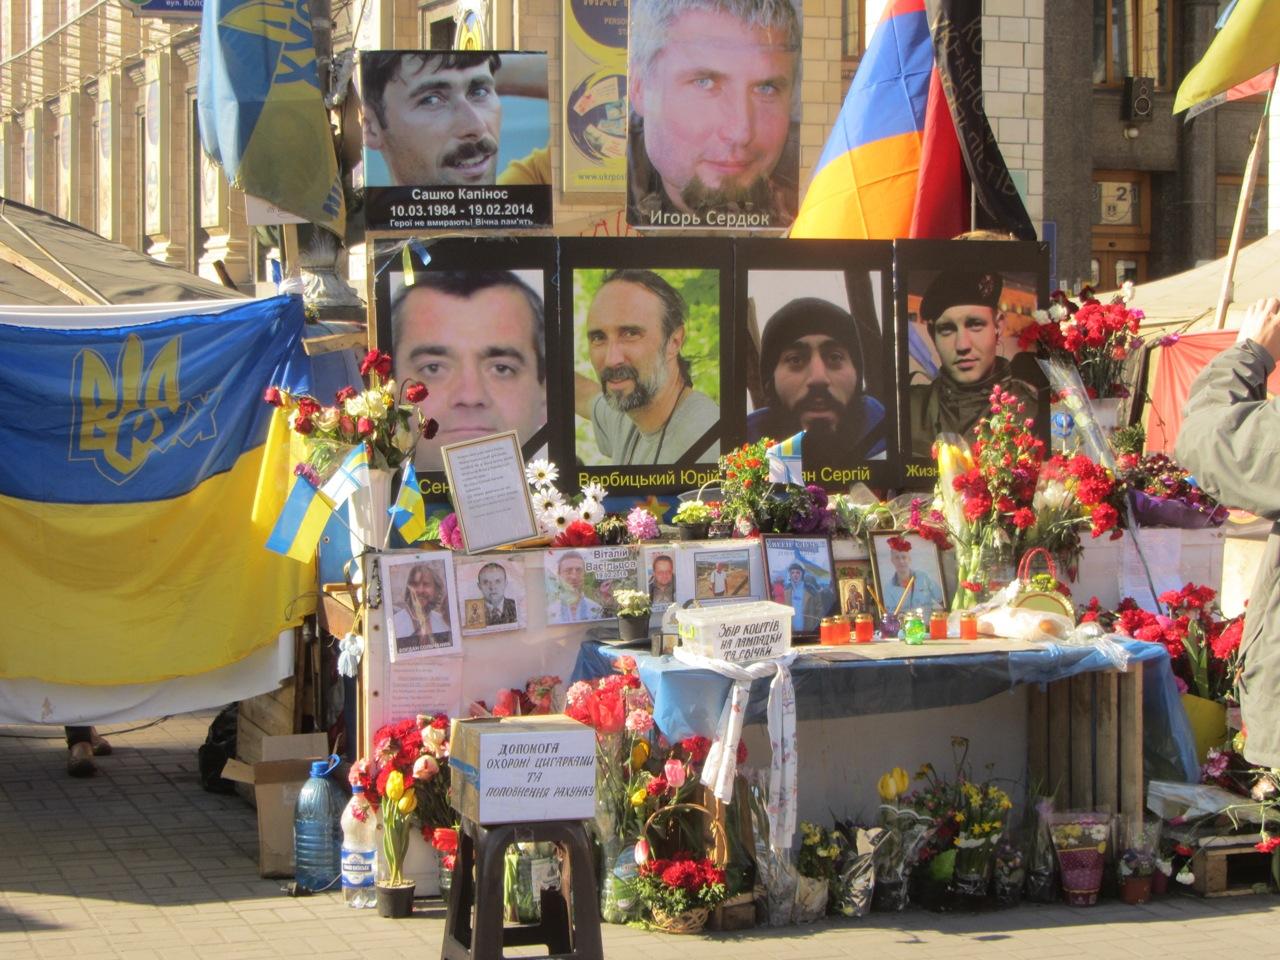 фотографии тек кто погиб защищая майдан независимости в киеве